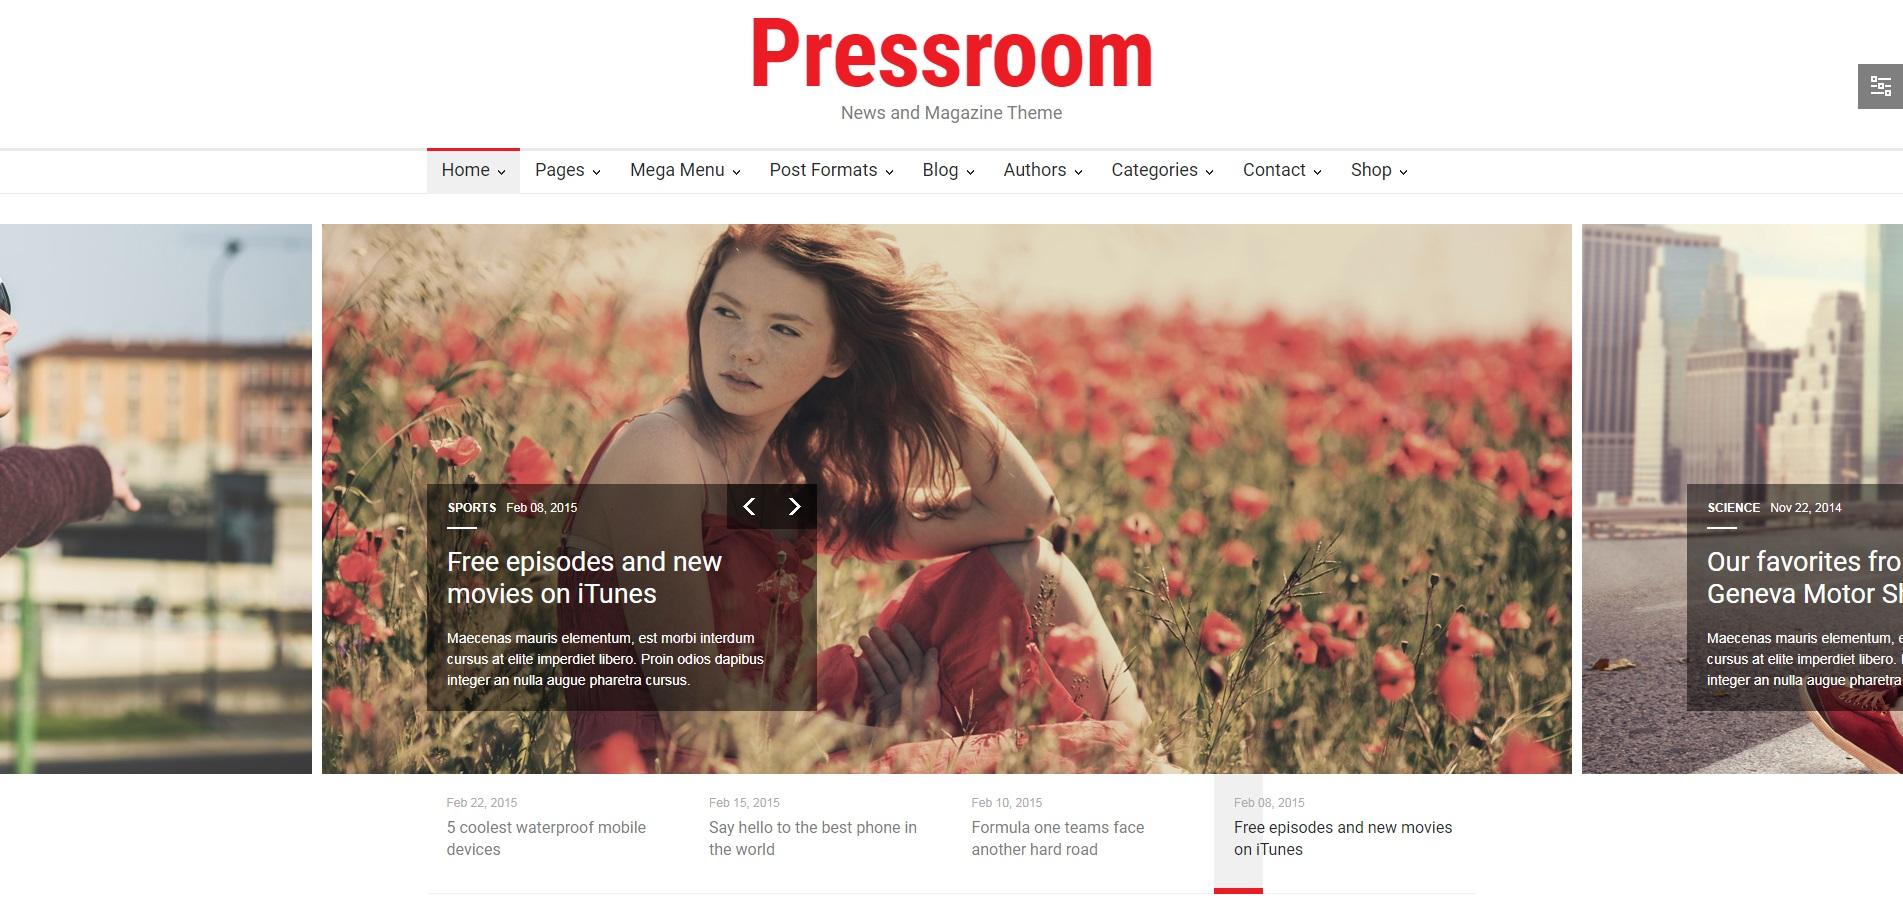 新闻资讯博客文章网站WordPress主题模板-Pressroom